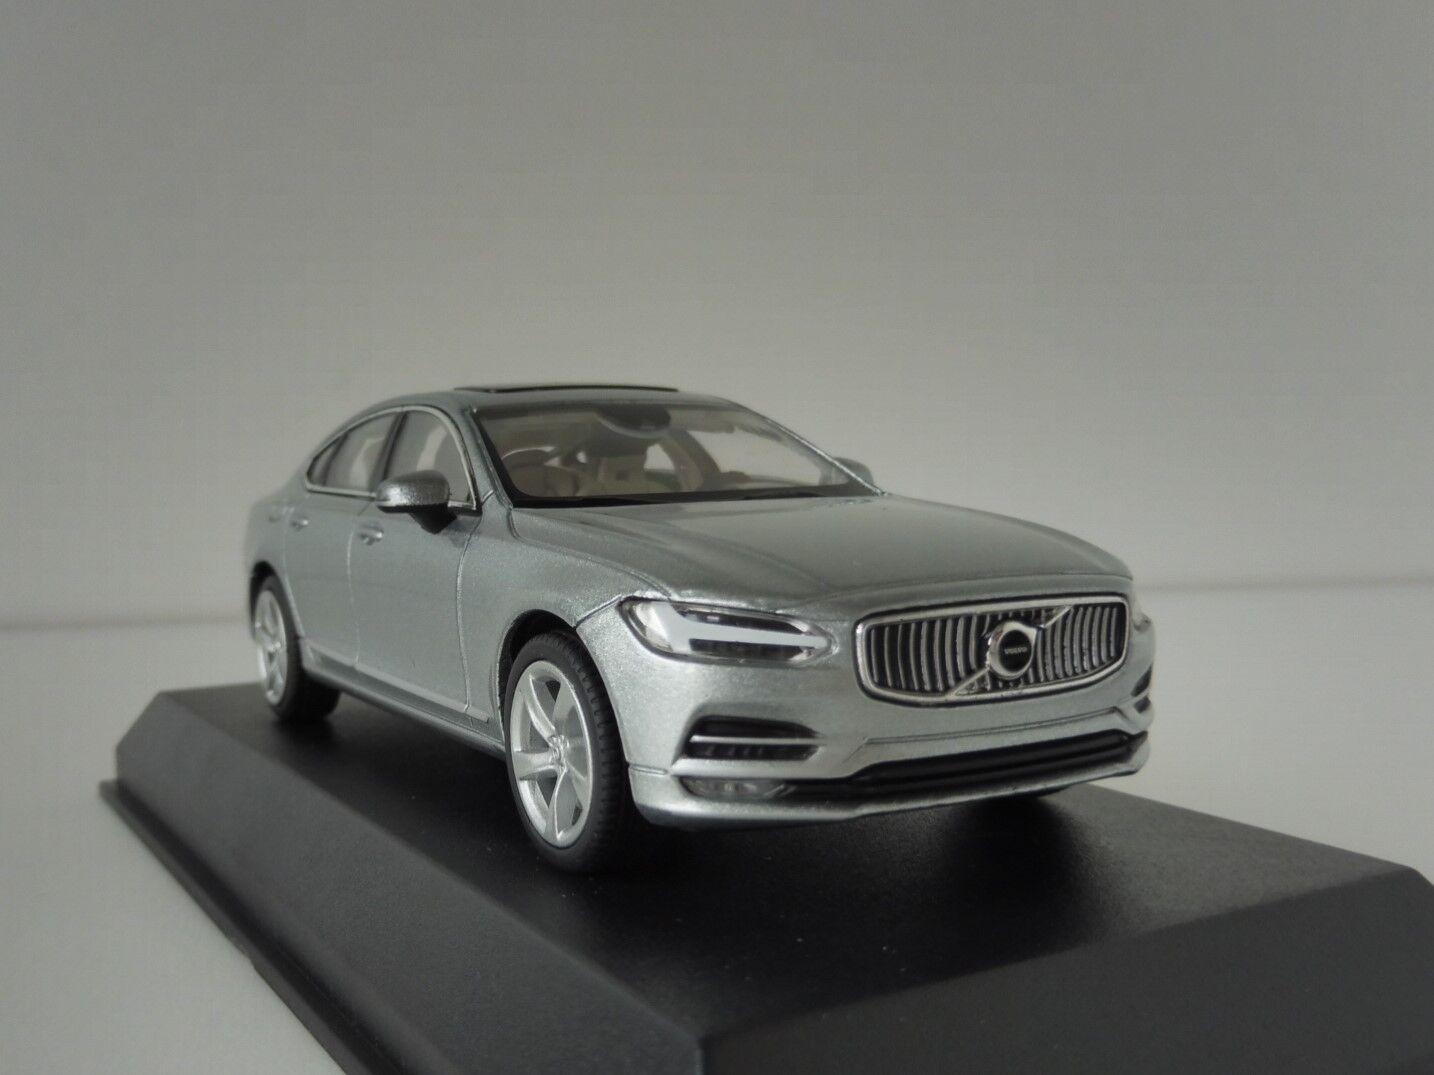 punto de venta Volvo S90 Sedán 2016 Electric plata 1 43 Norev 870061 870061 870061 S 90 Sedan Plata  calidad de primera clase